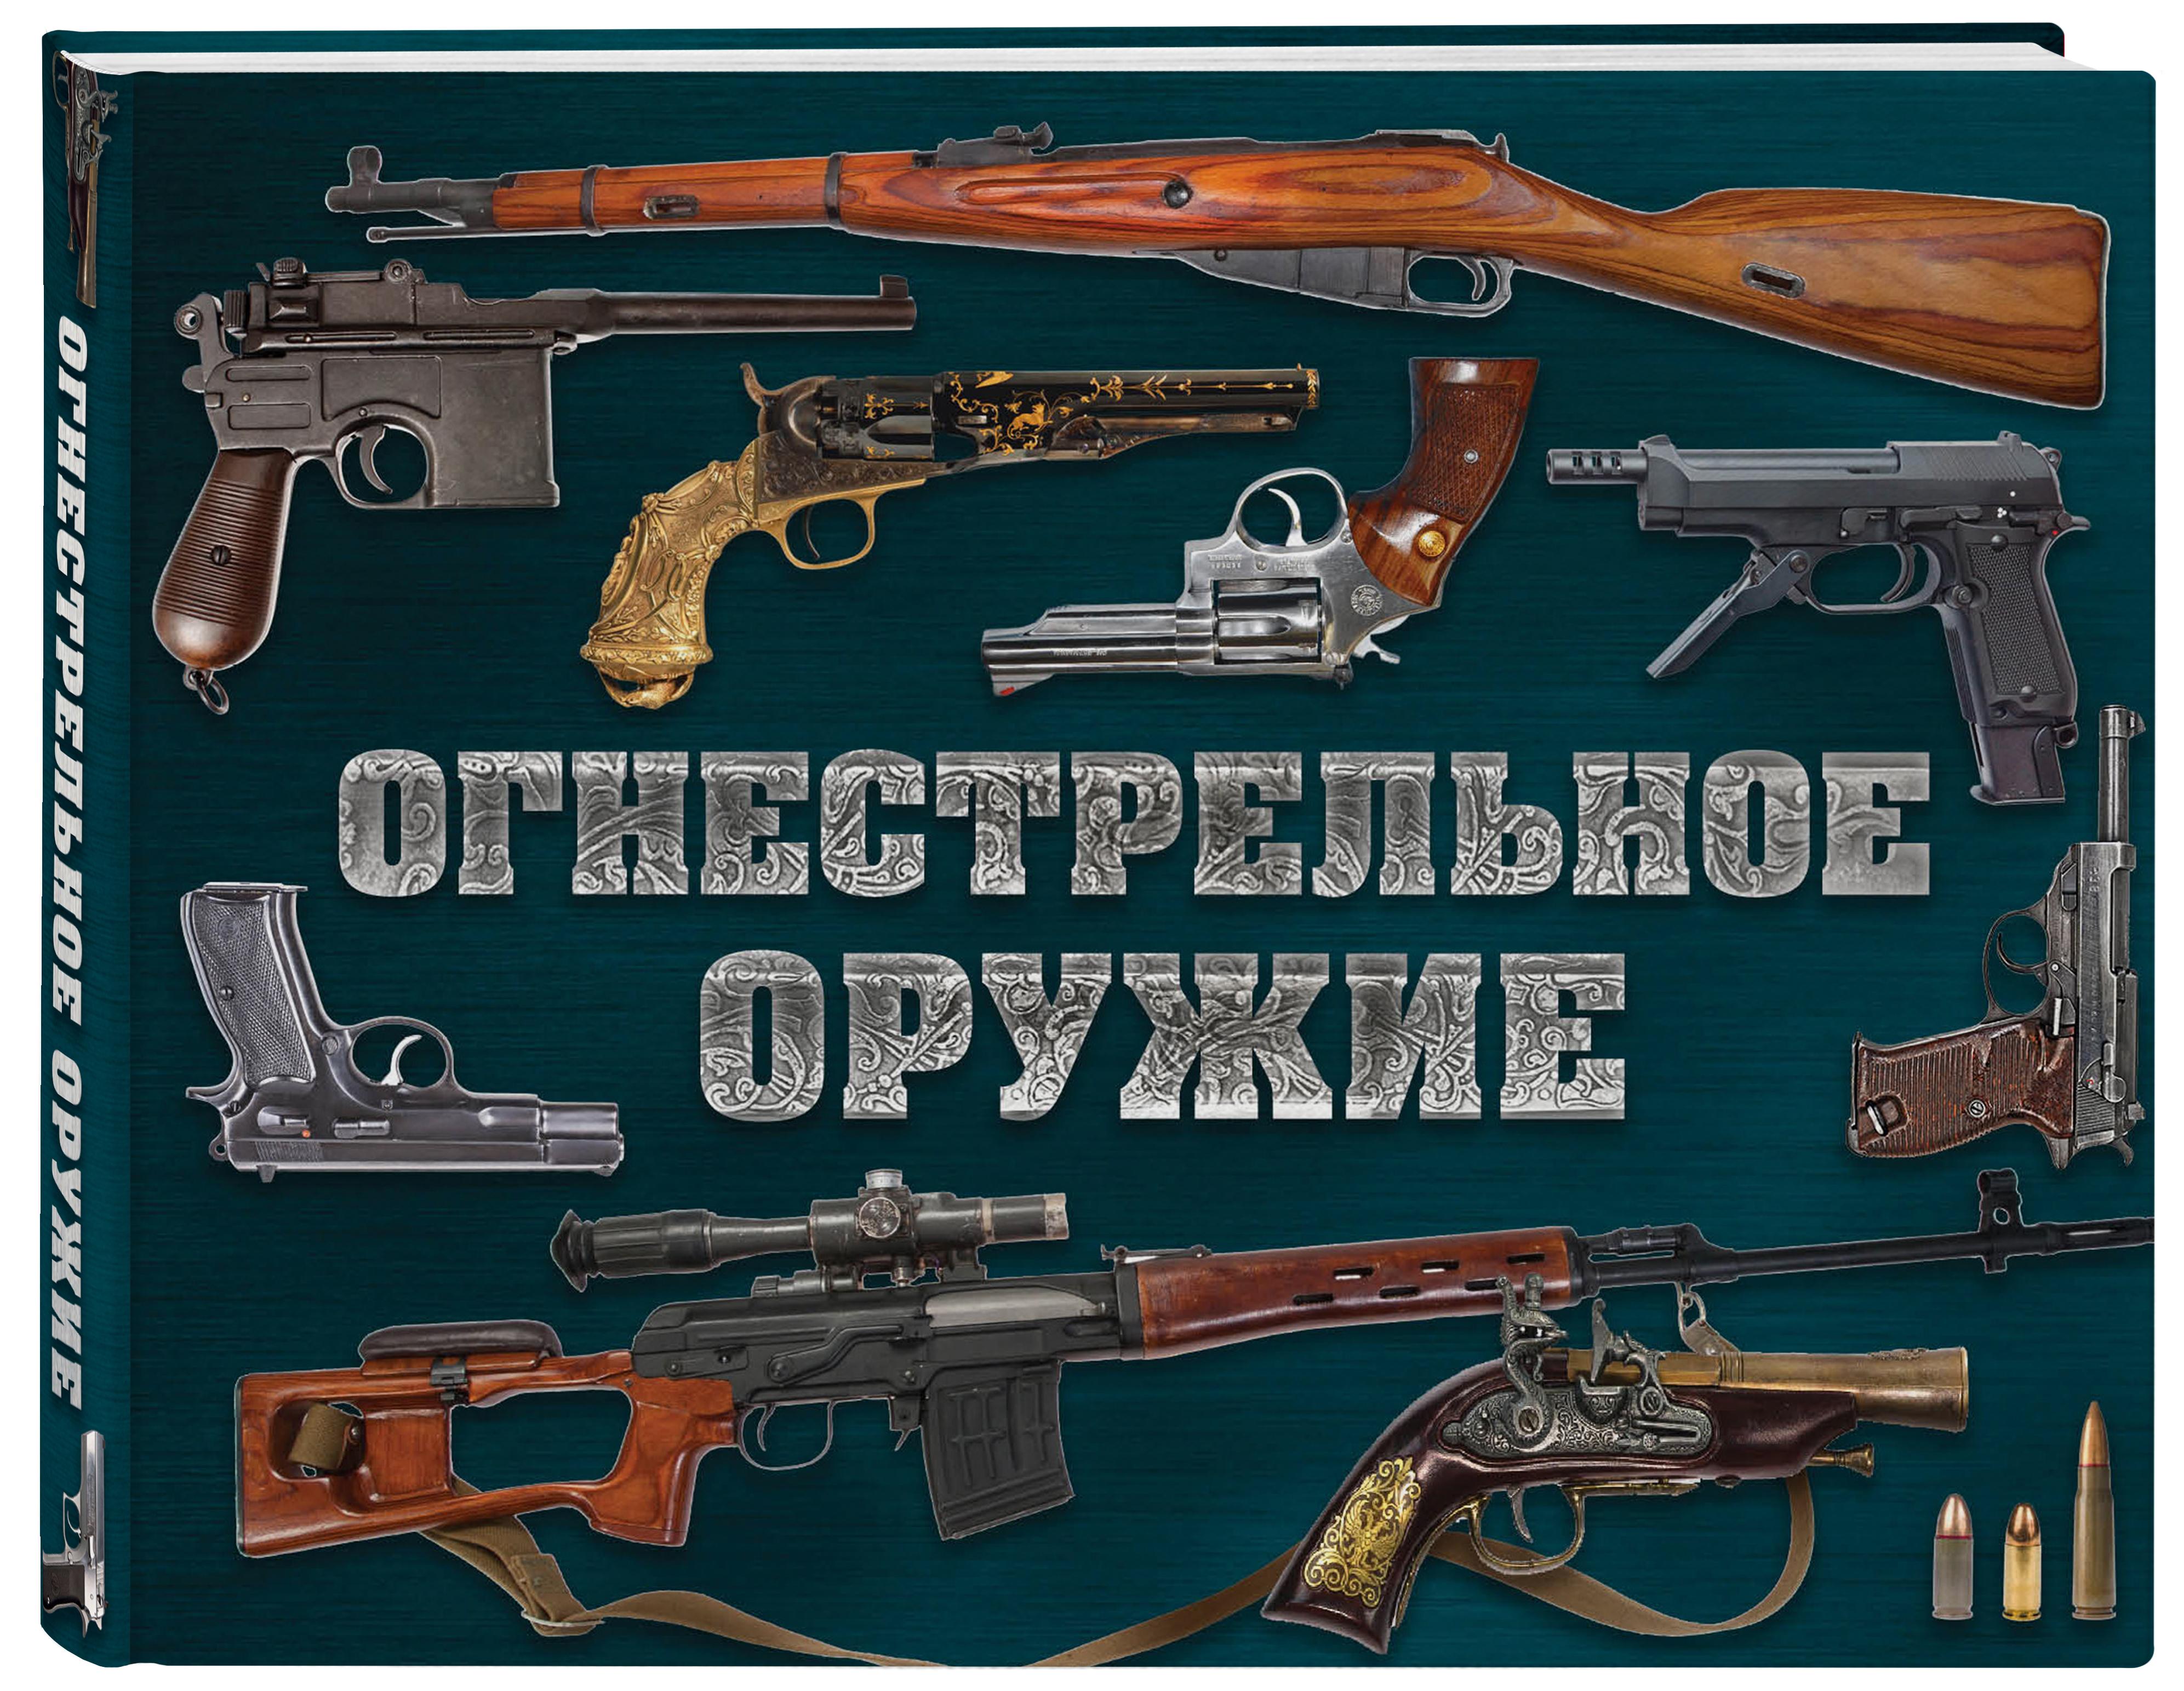 Дмитрий Алексеев Огнестрельное оружие (альбомный формат) алексеев д огнестрельное оружие мира isbn 9785699834273